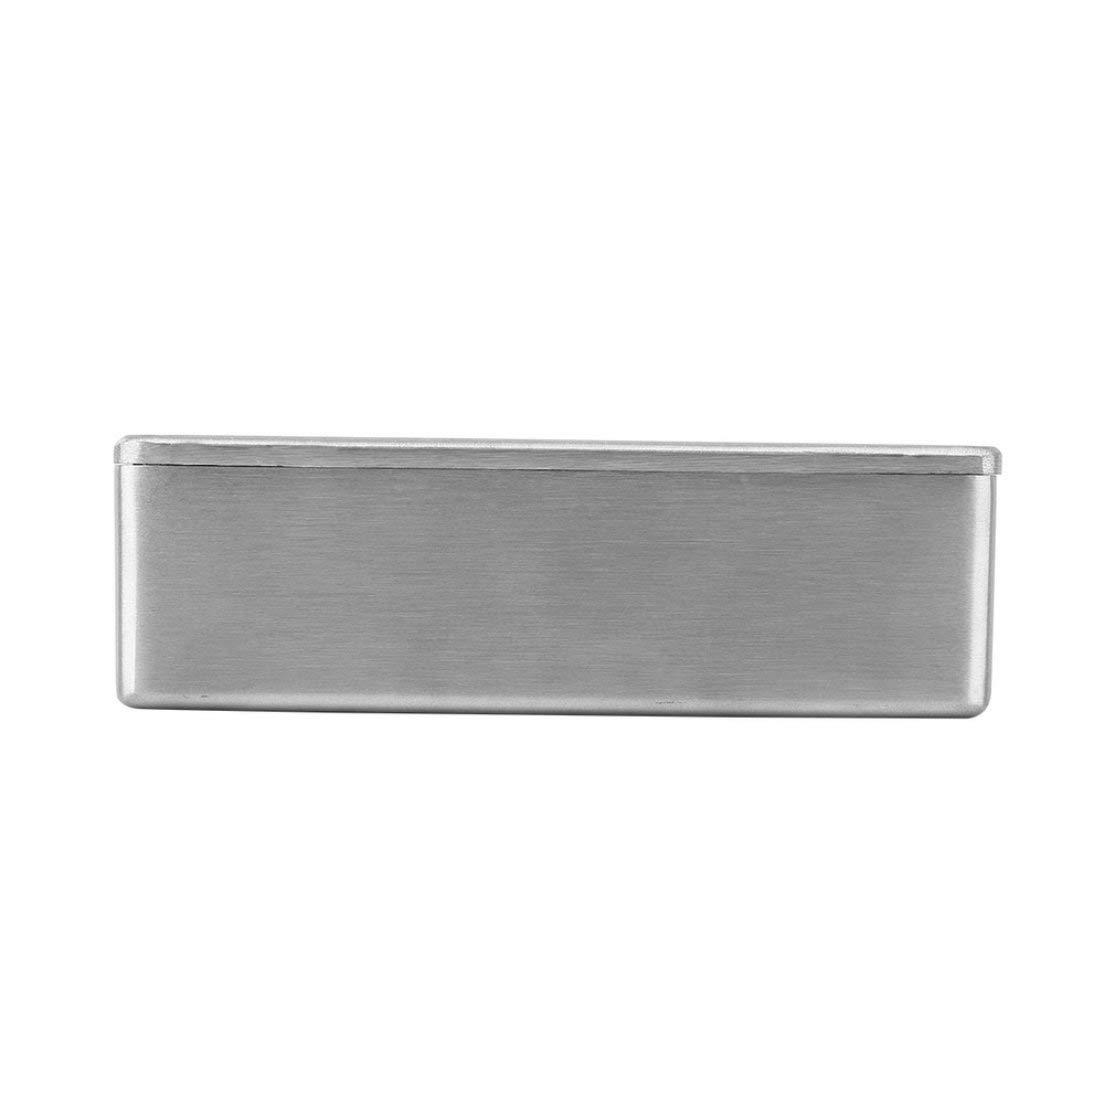 LouiseEvel215 I pi/ù Venduti 1590B Effetti di Stile Pedale in Alluminio Stomp Box per Custodia per Chitarra Custodia per Strumenti di archiviazione ARE4 Disponibile